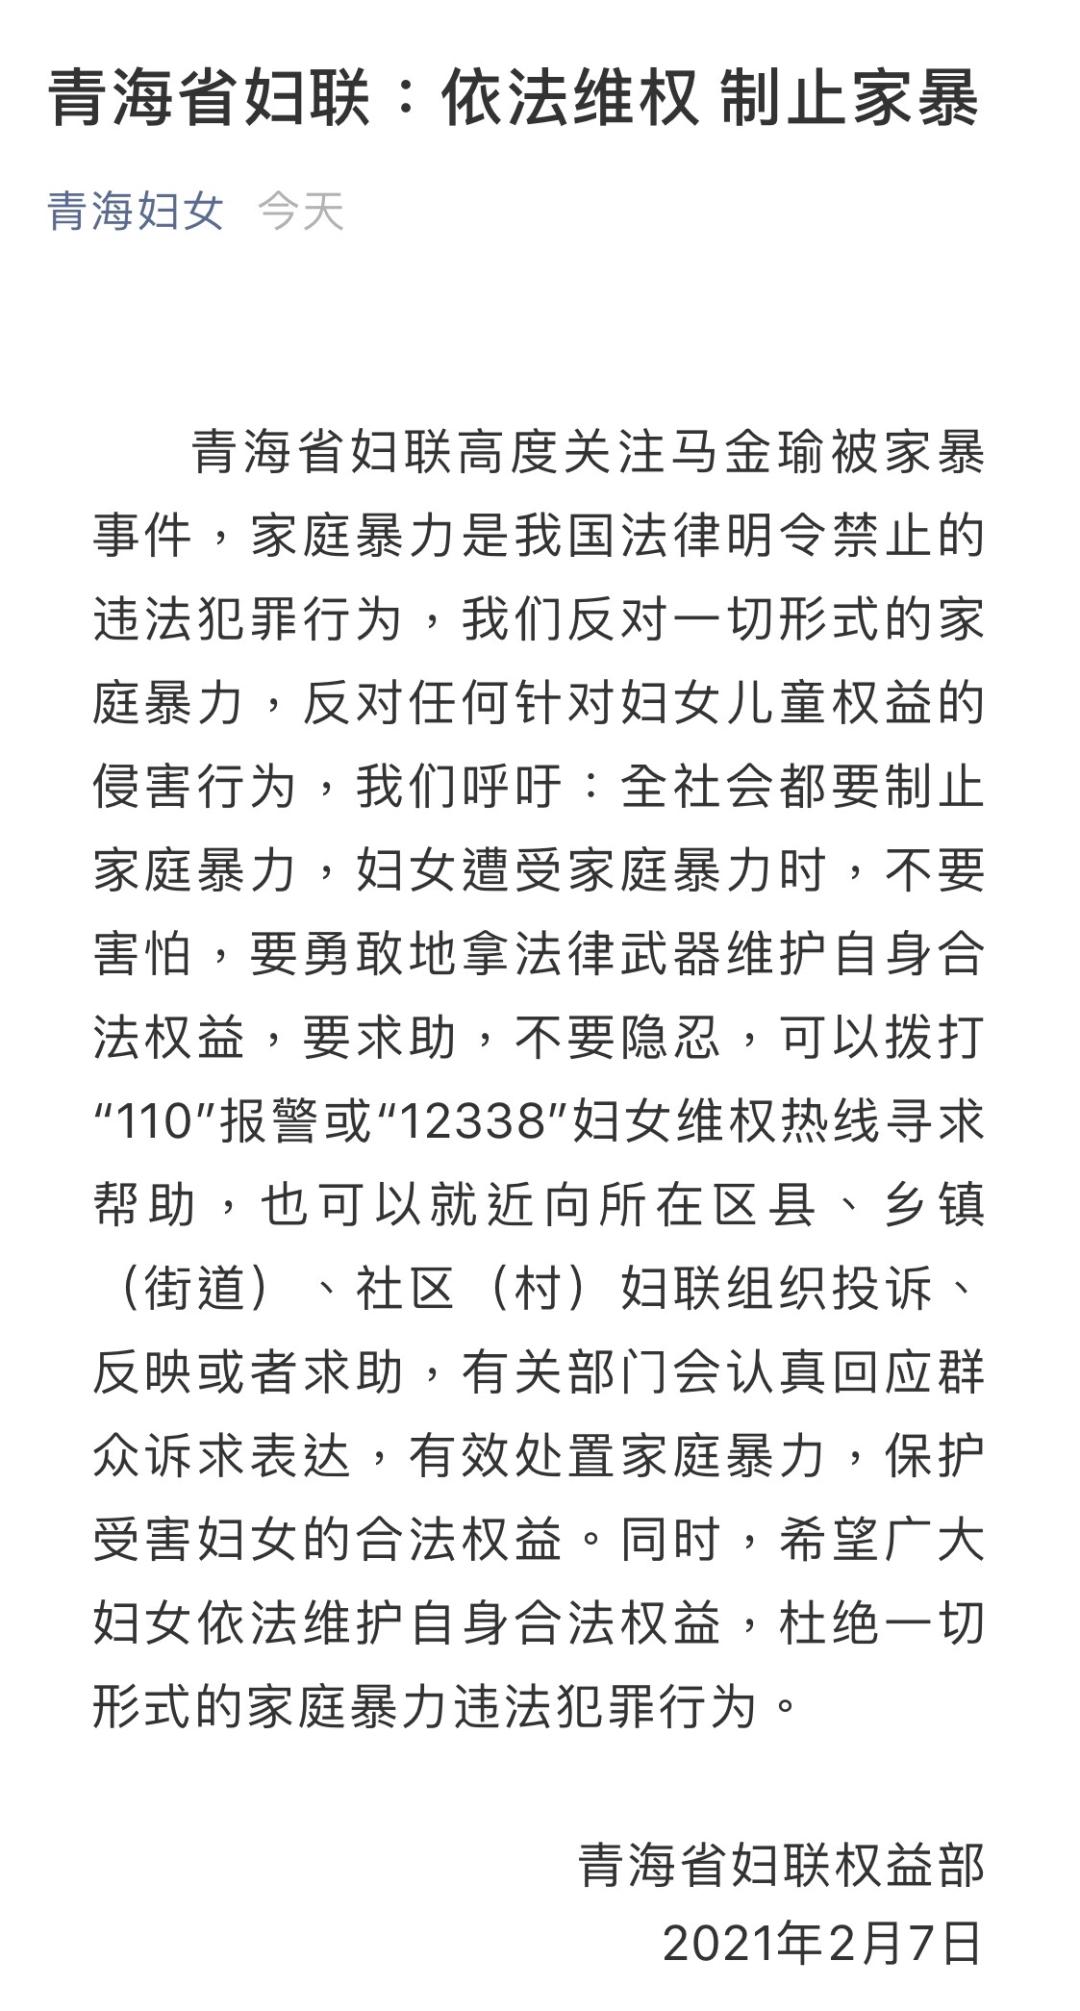 女记者称遭家暴但其丈夫却说她也家暴我:马金瑜一呼百应撕逼搞得欢!